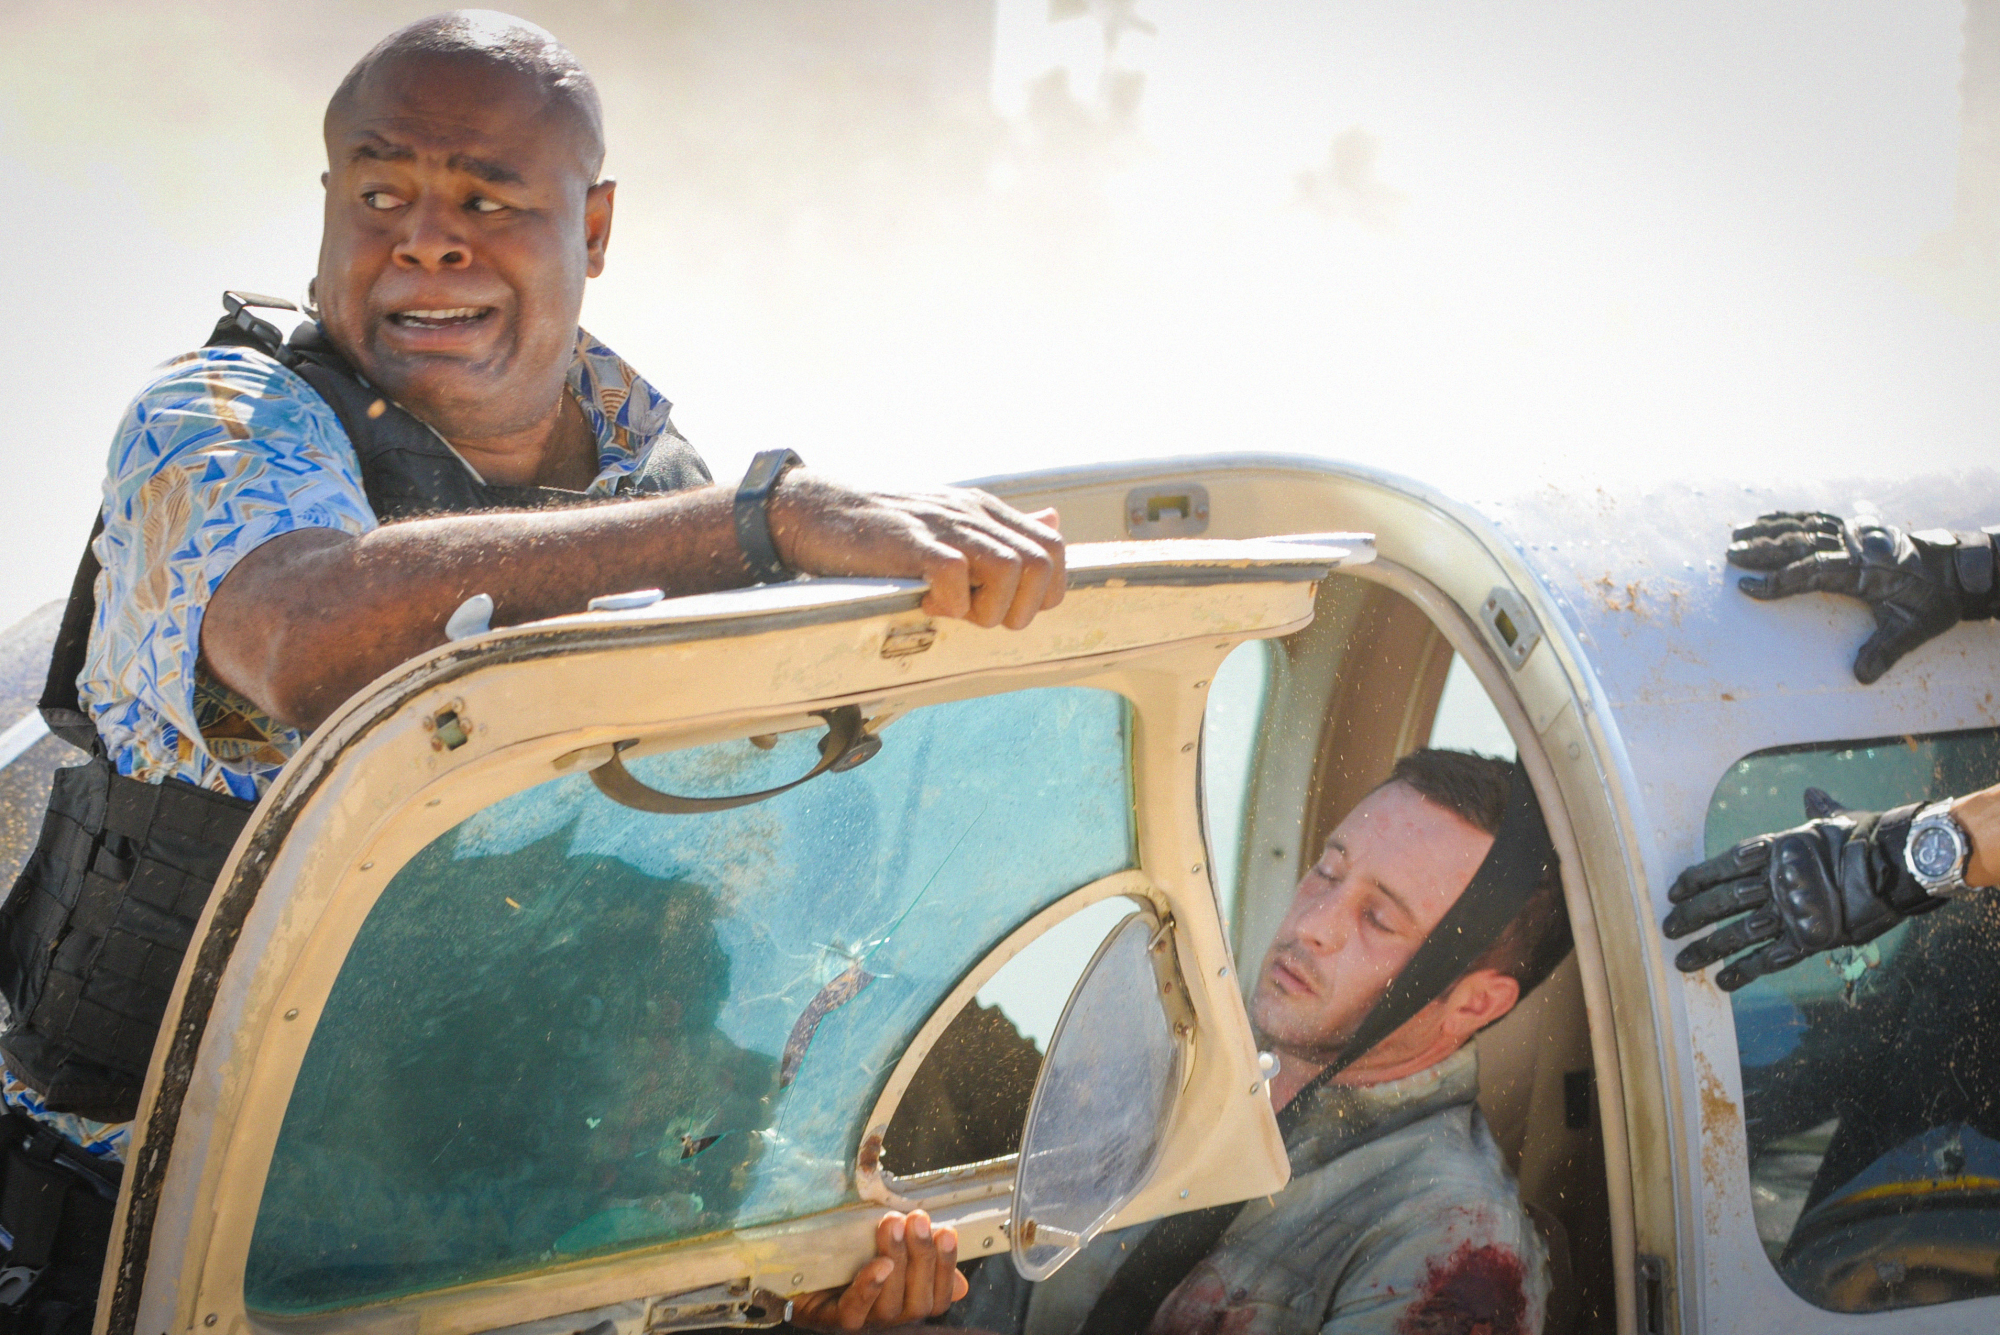 Chi McBride as Lou Grover and Alex O'Loughlin as Steve McGarrett